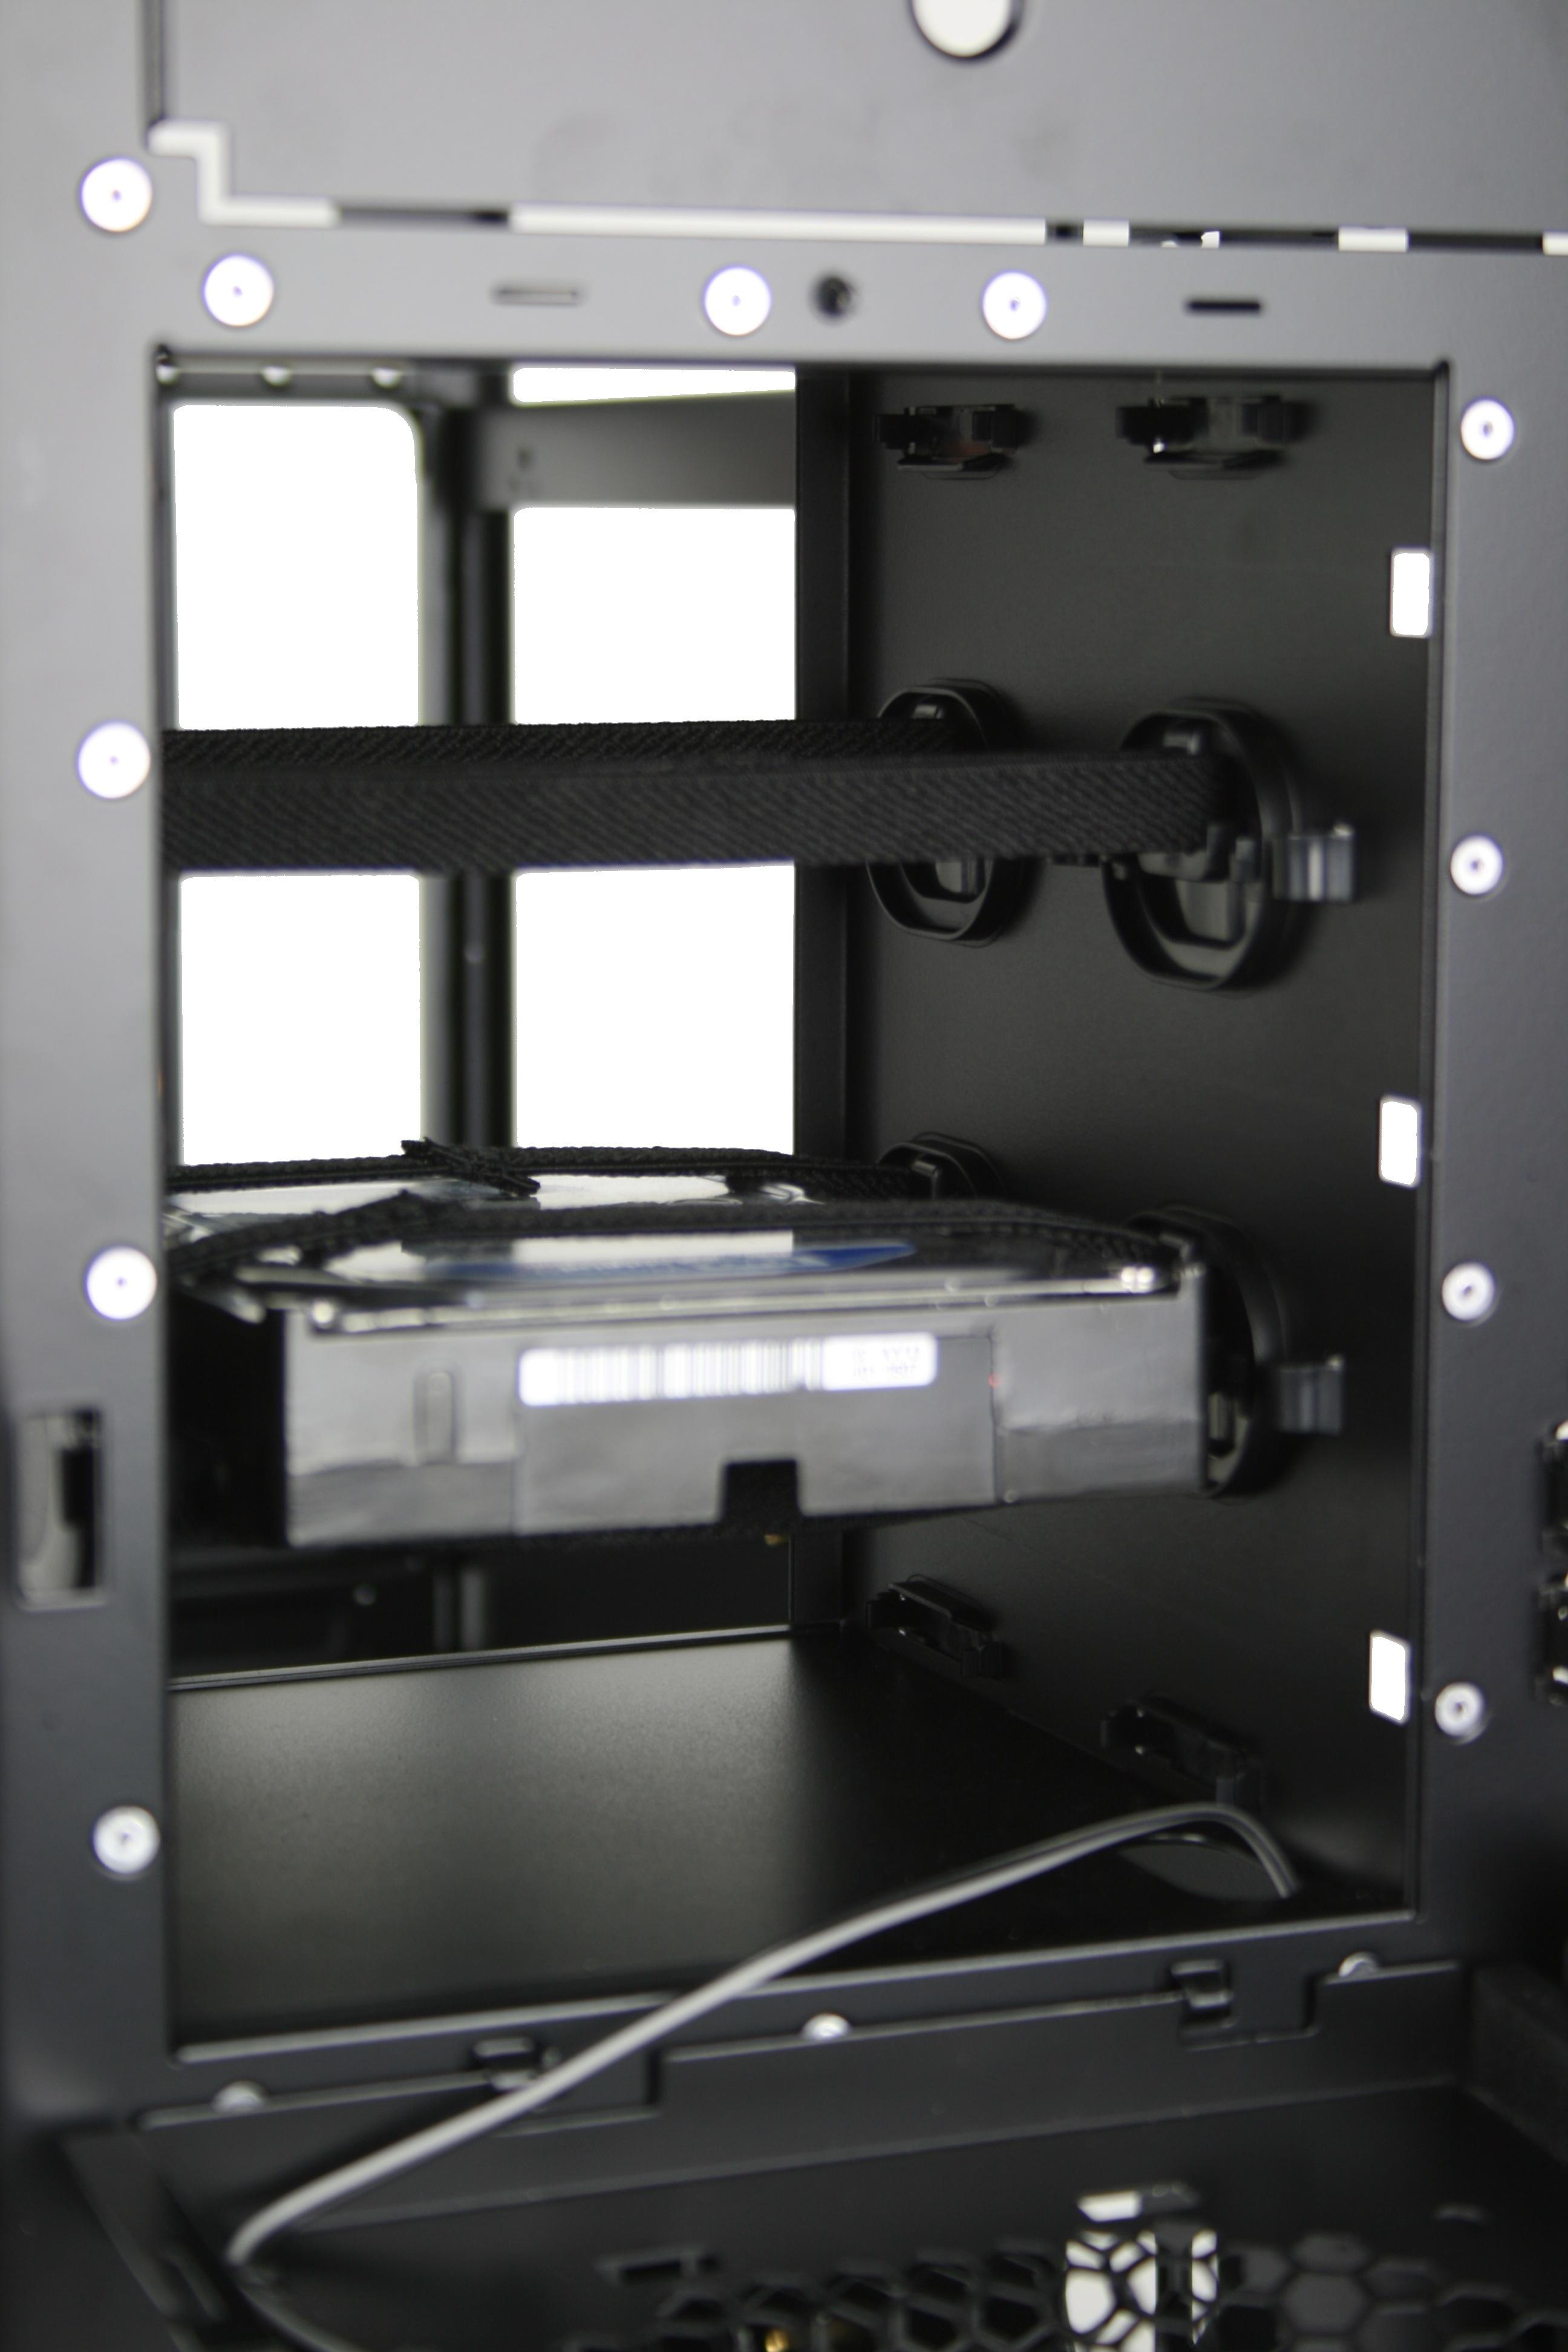 Antec Solo II suspension mount